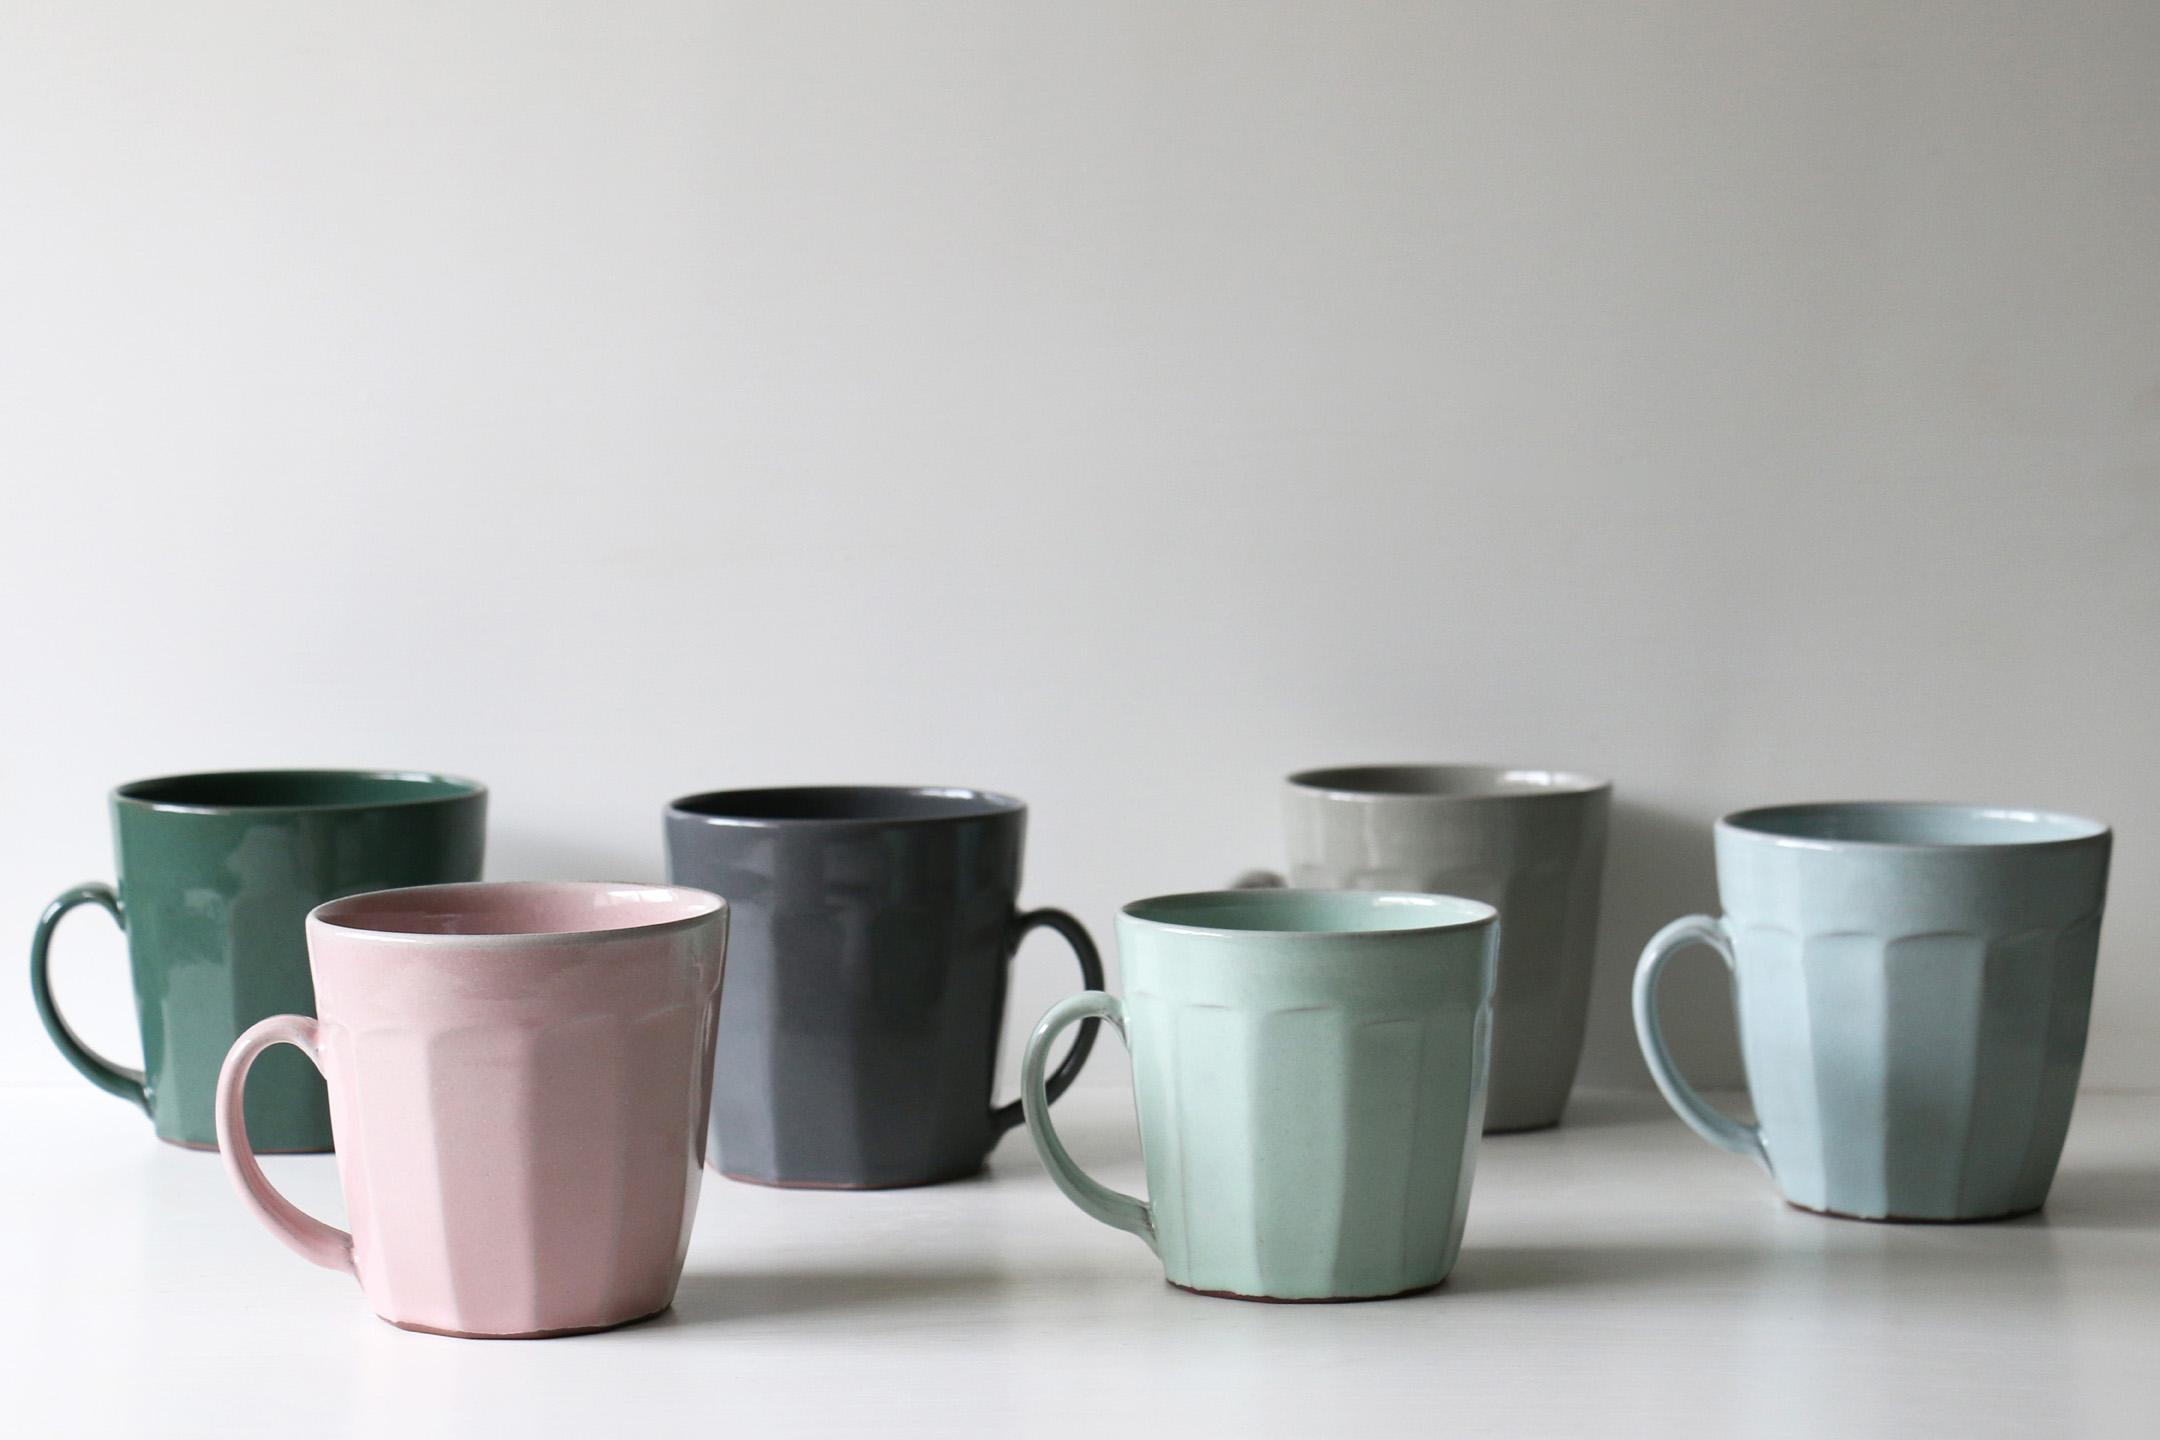 kalika-facet mugs.jpg